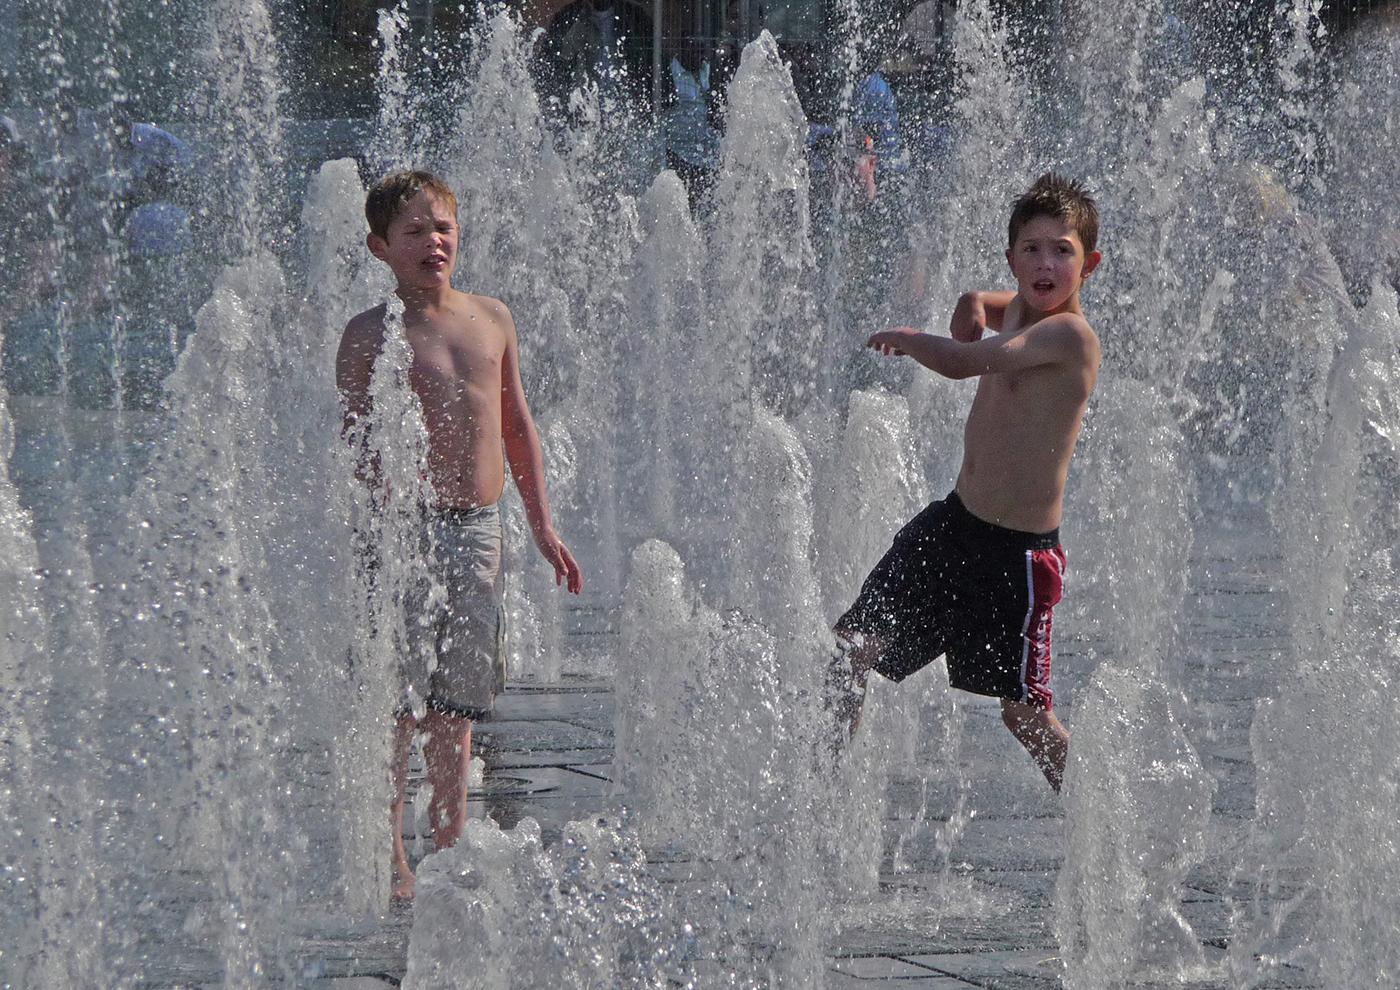 Boys having fun By Doug Allan